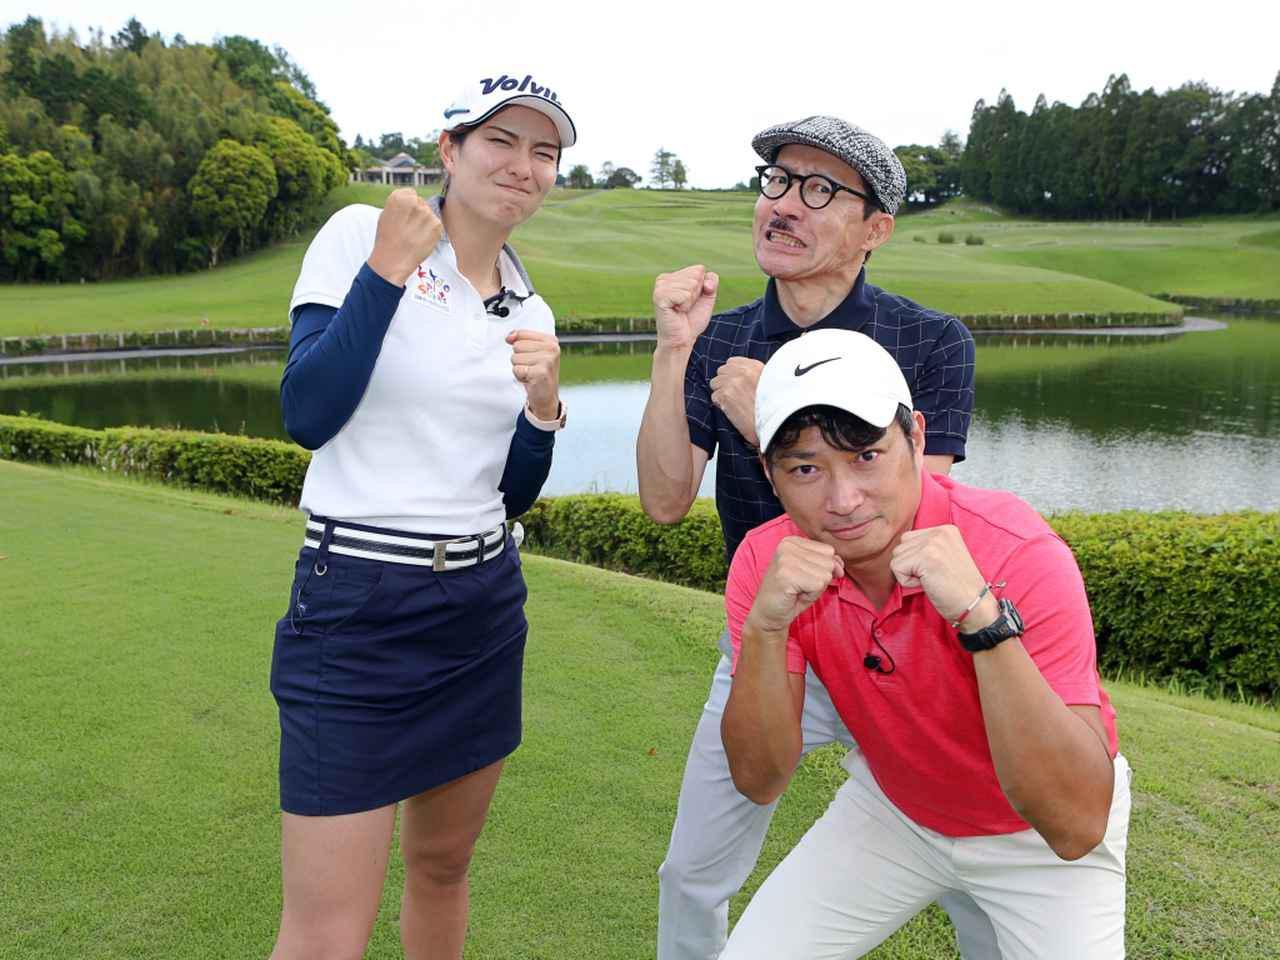 画像: ゴルフ大好き芸人のイワイガワ・岩井ジョニ男(中)とオテンキ・江波戸邦昌(右)が、飛ばし屋プロ・高島早百合(左)とラウンドしつつ、レッスンも受講した